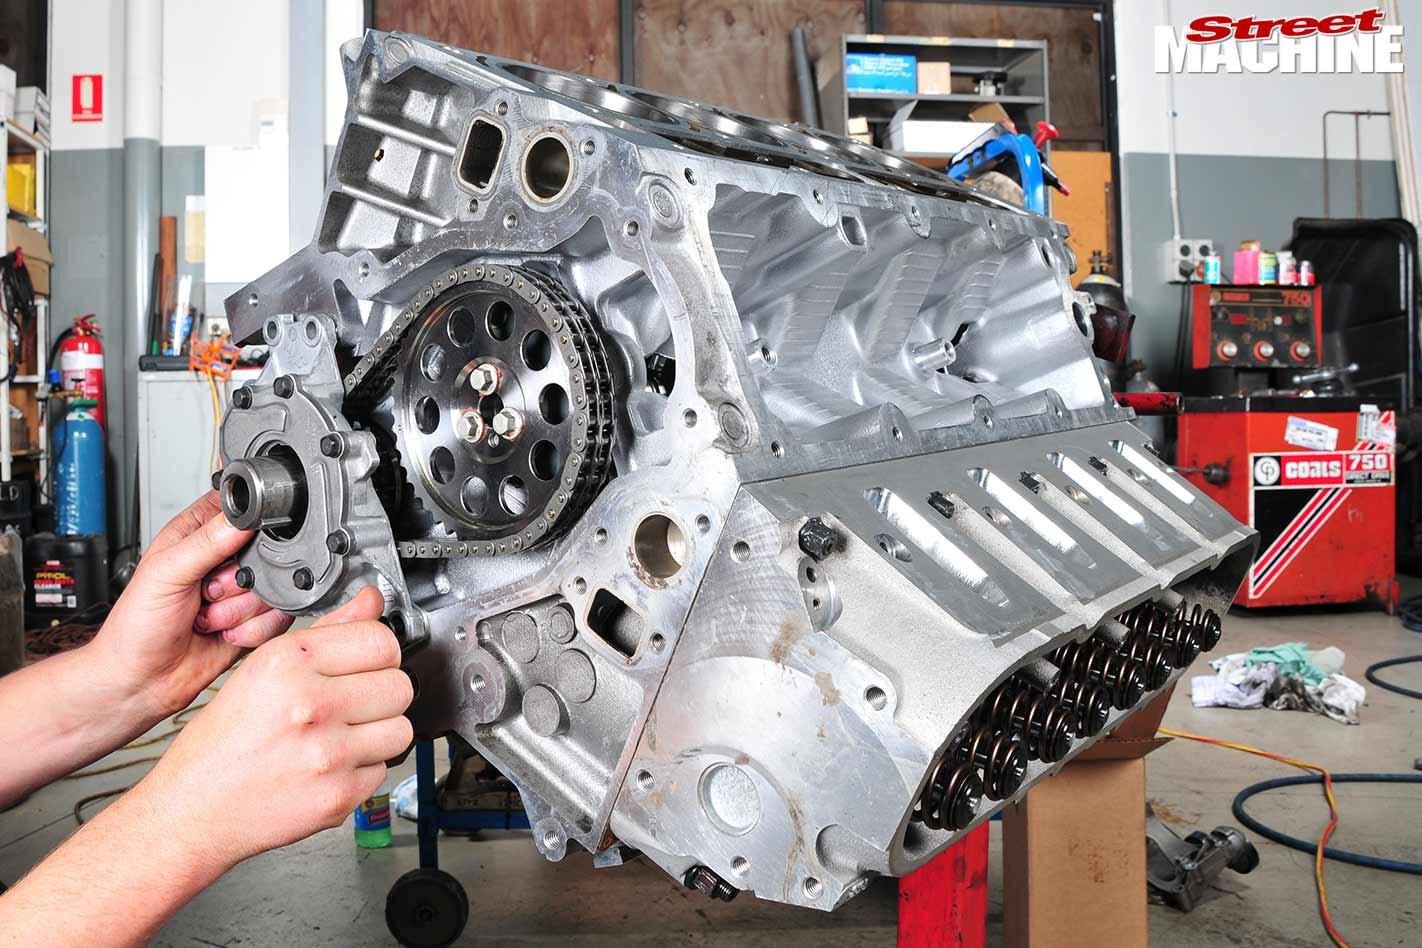 twin-turbo ls1 fit-up